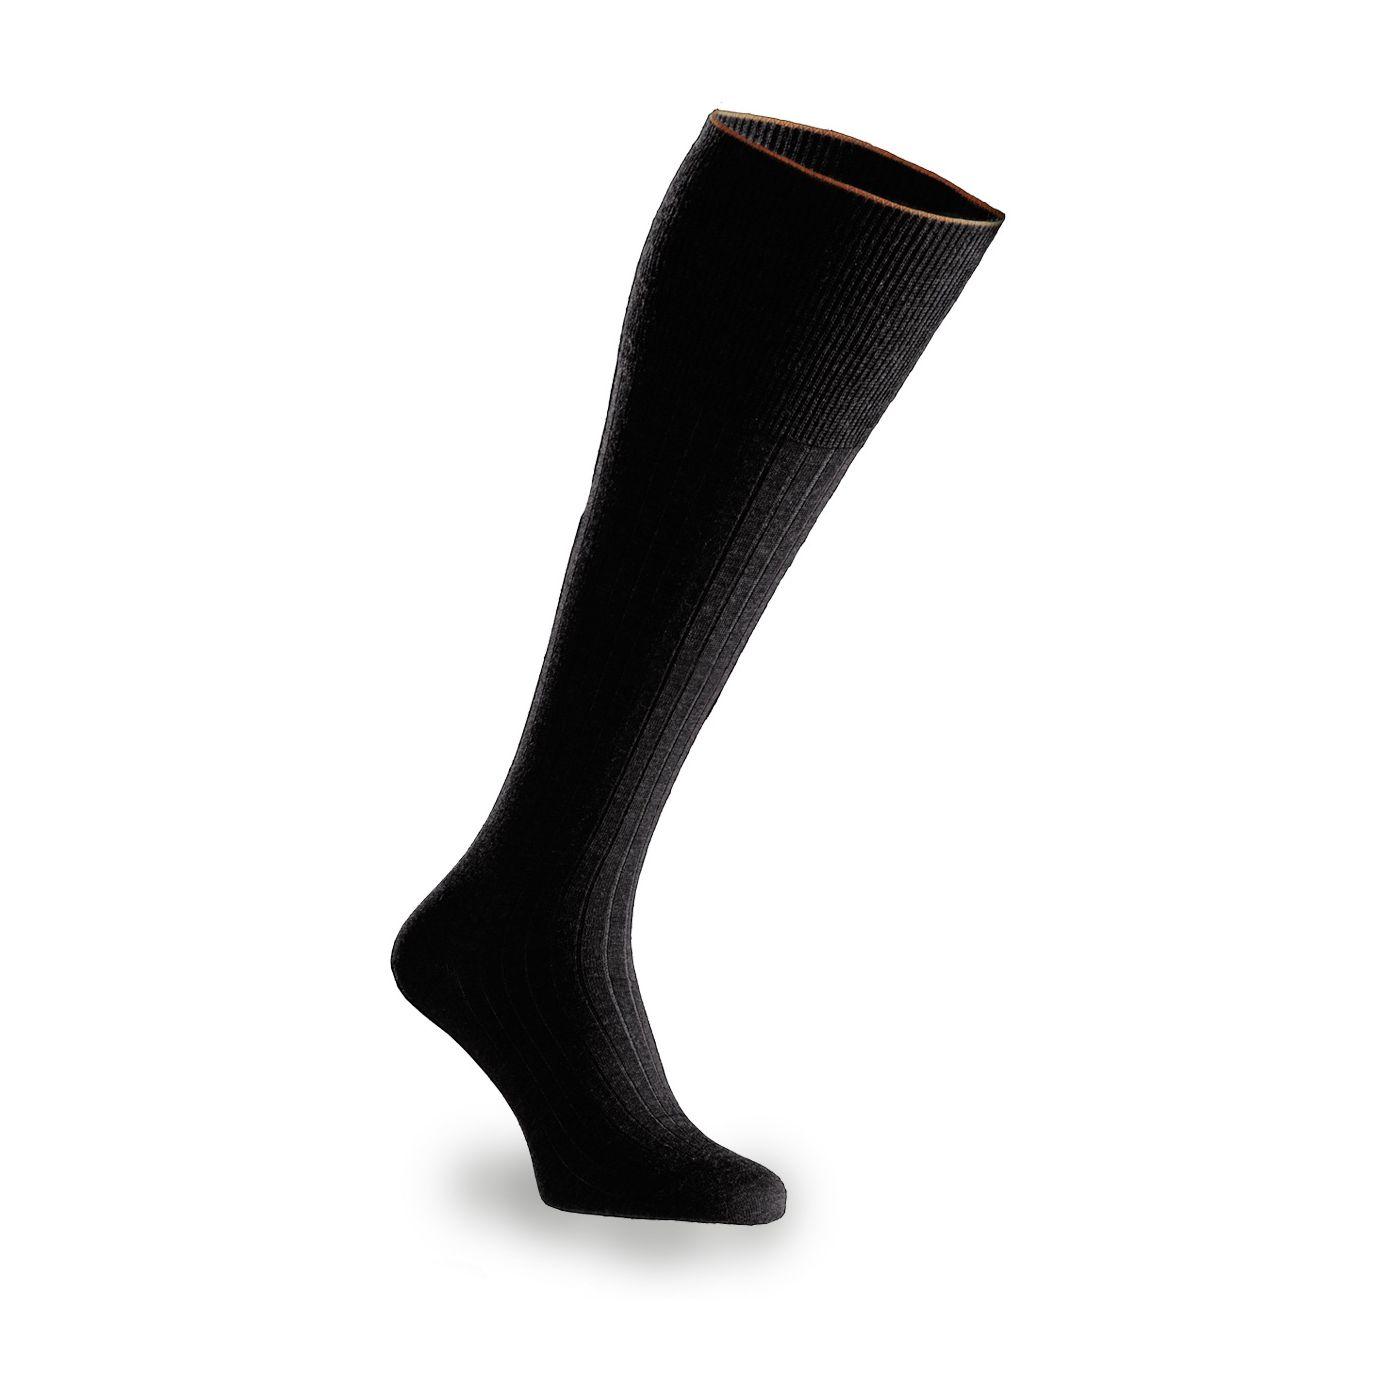 Socken für Herren aus Merinowolle in Schwarz